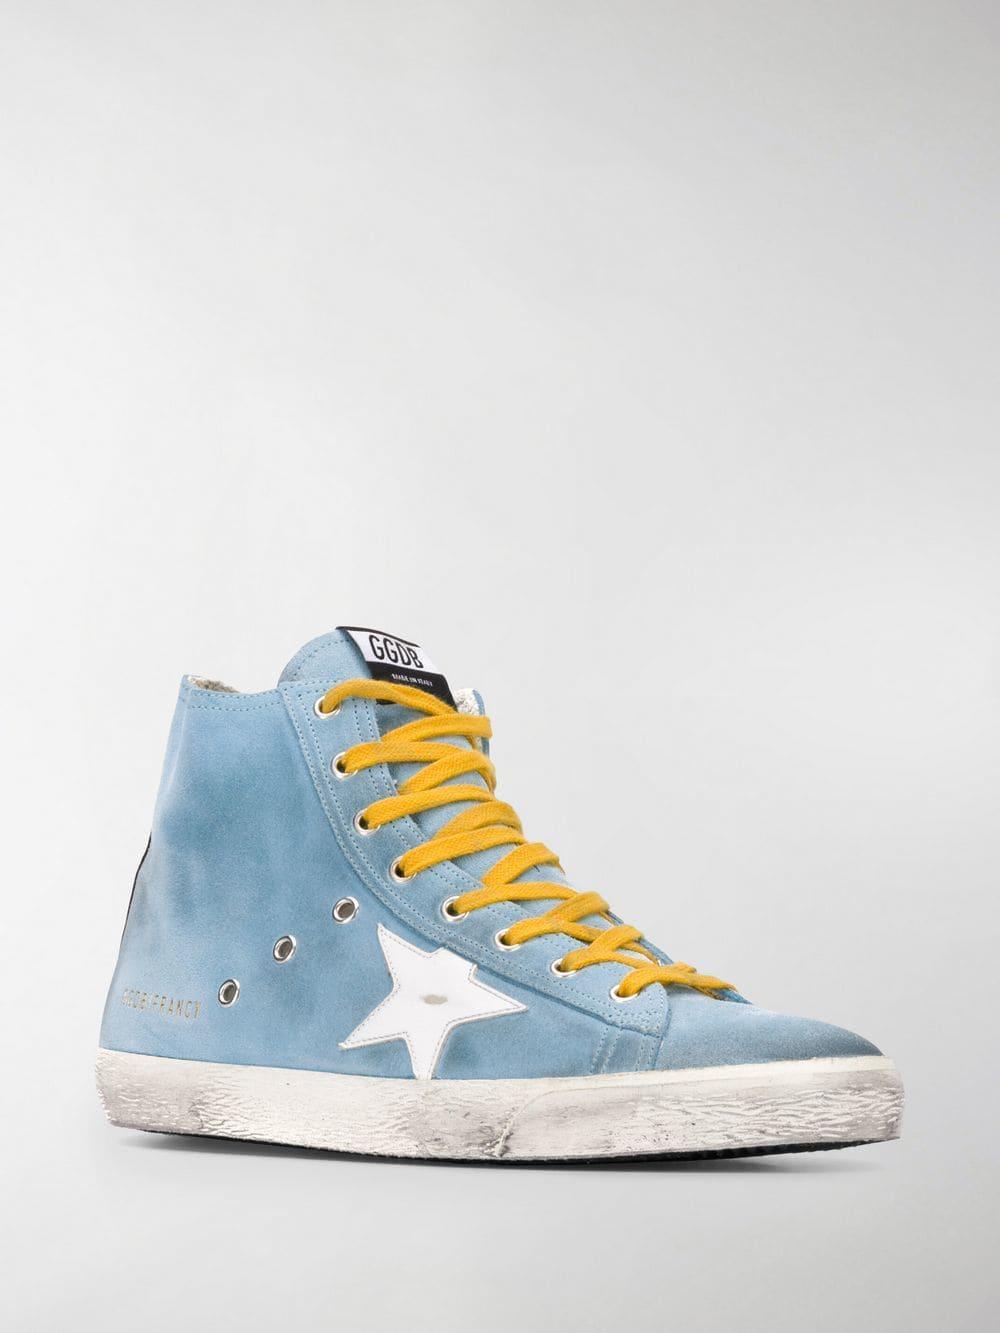 8adecd44121db Lyst - Golden Goose Deluxe Brand Francy Hi-top Sneakers in Blue for Men